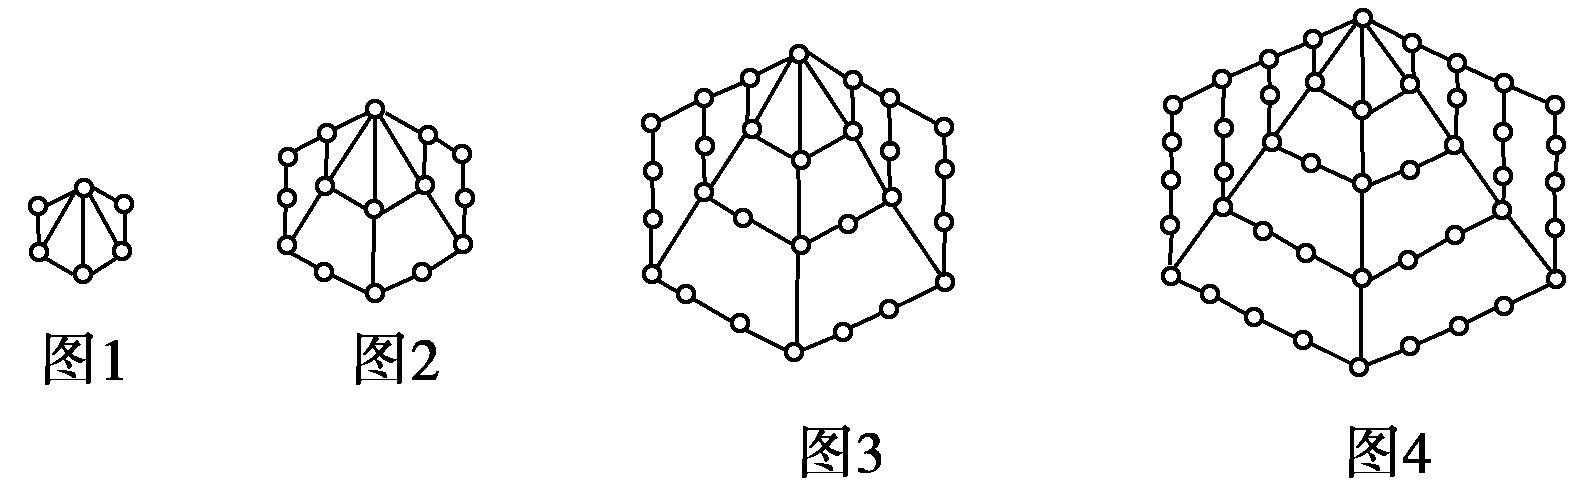 简笔画 设计 矢量 矢量图 手绘 素材 线稿 1594_497